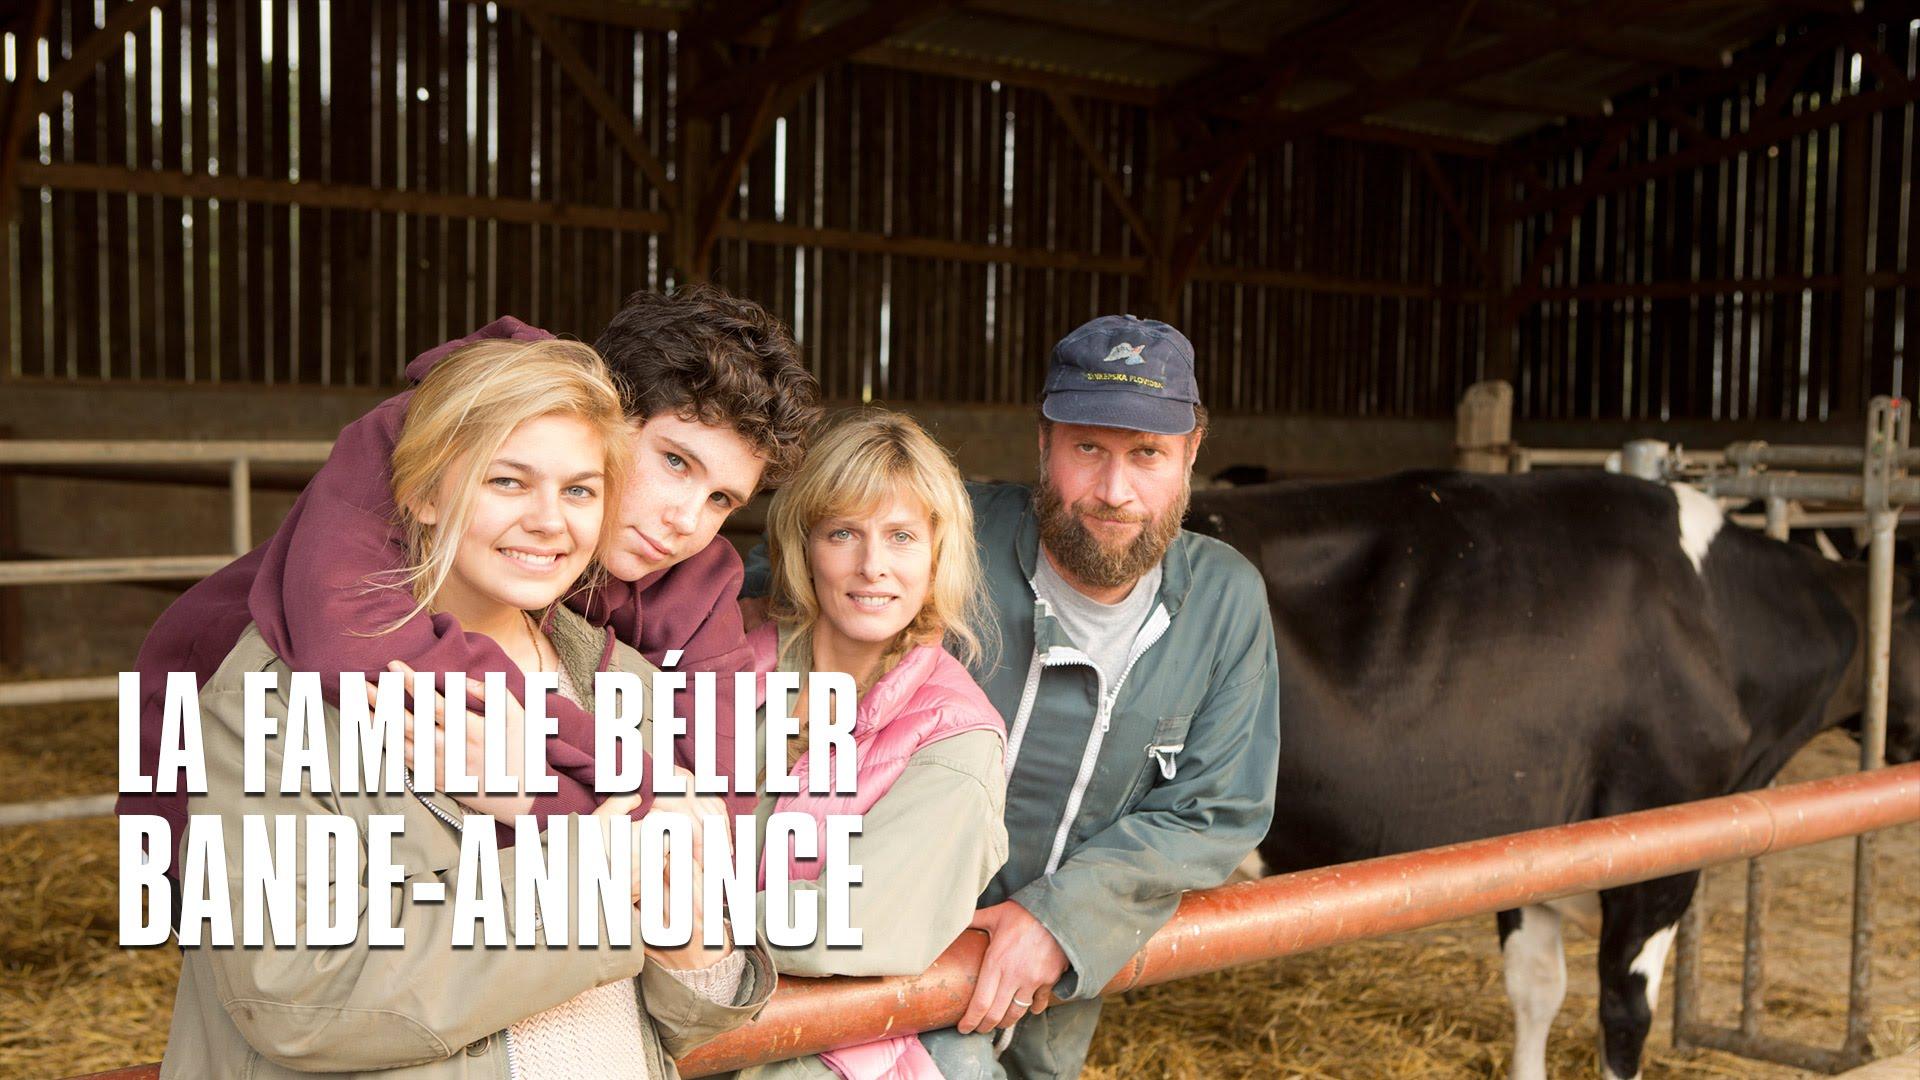 La famille Bélier (2014) video/trailer